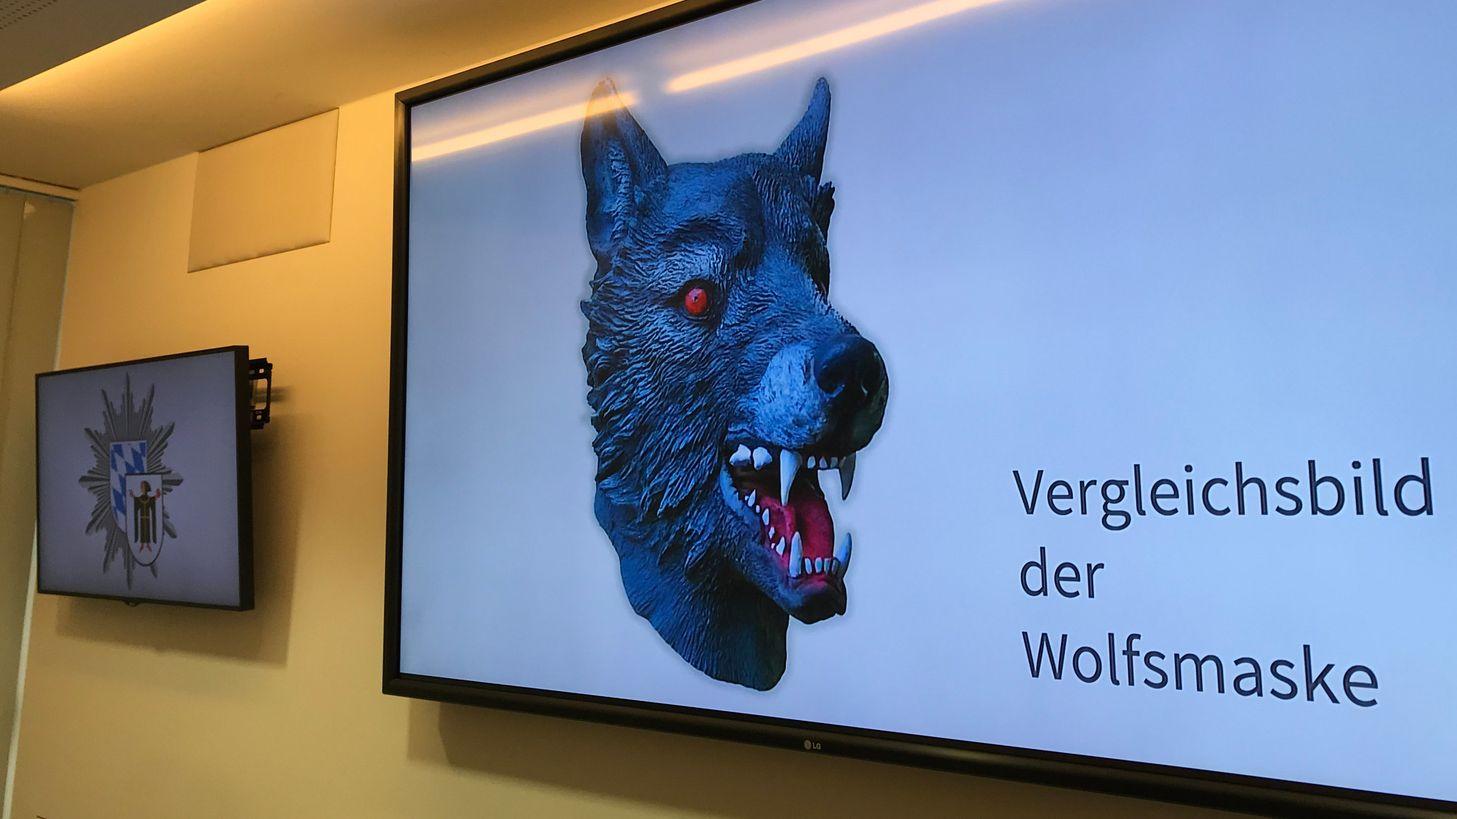 Auf einem Bildschirm im Polizeipräsidium präsentiert die Polizei ein Vergleichsbild einer Wolfsmaske.